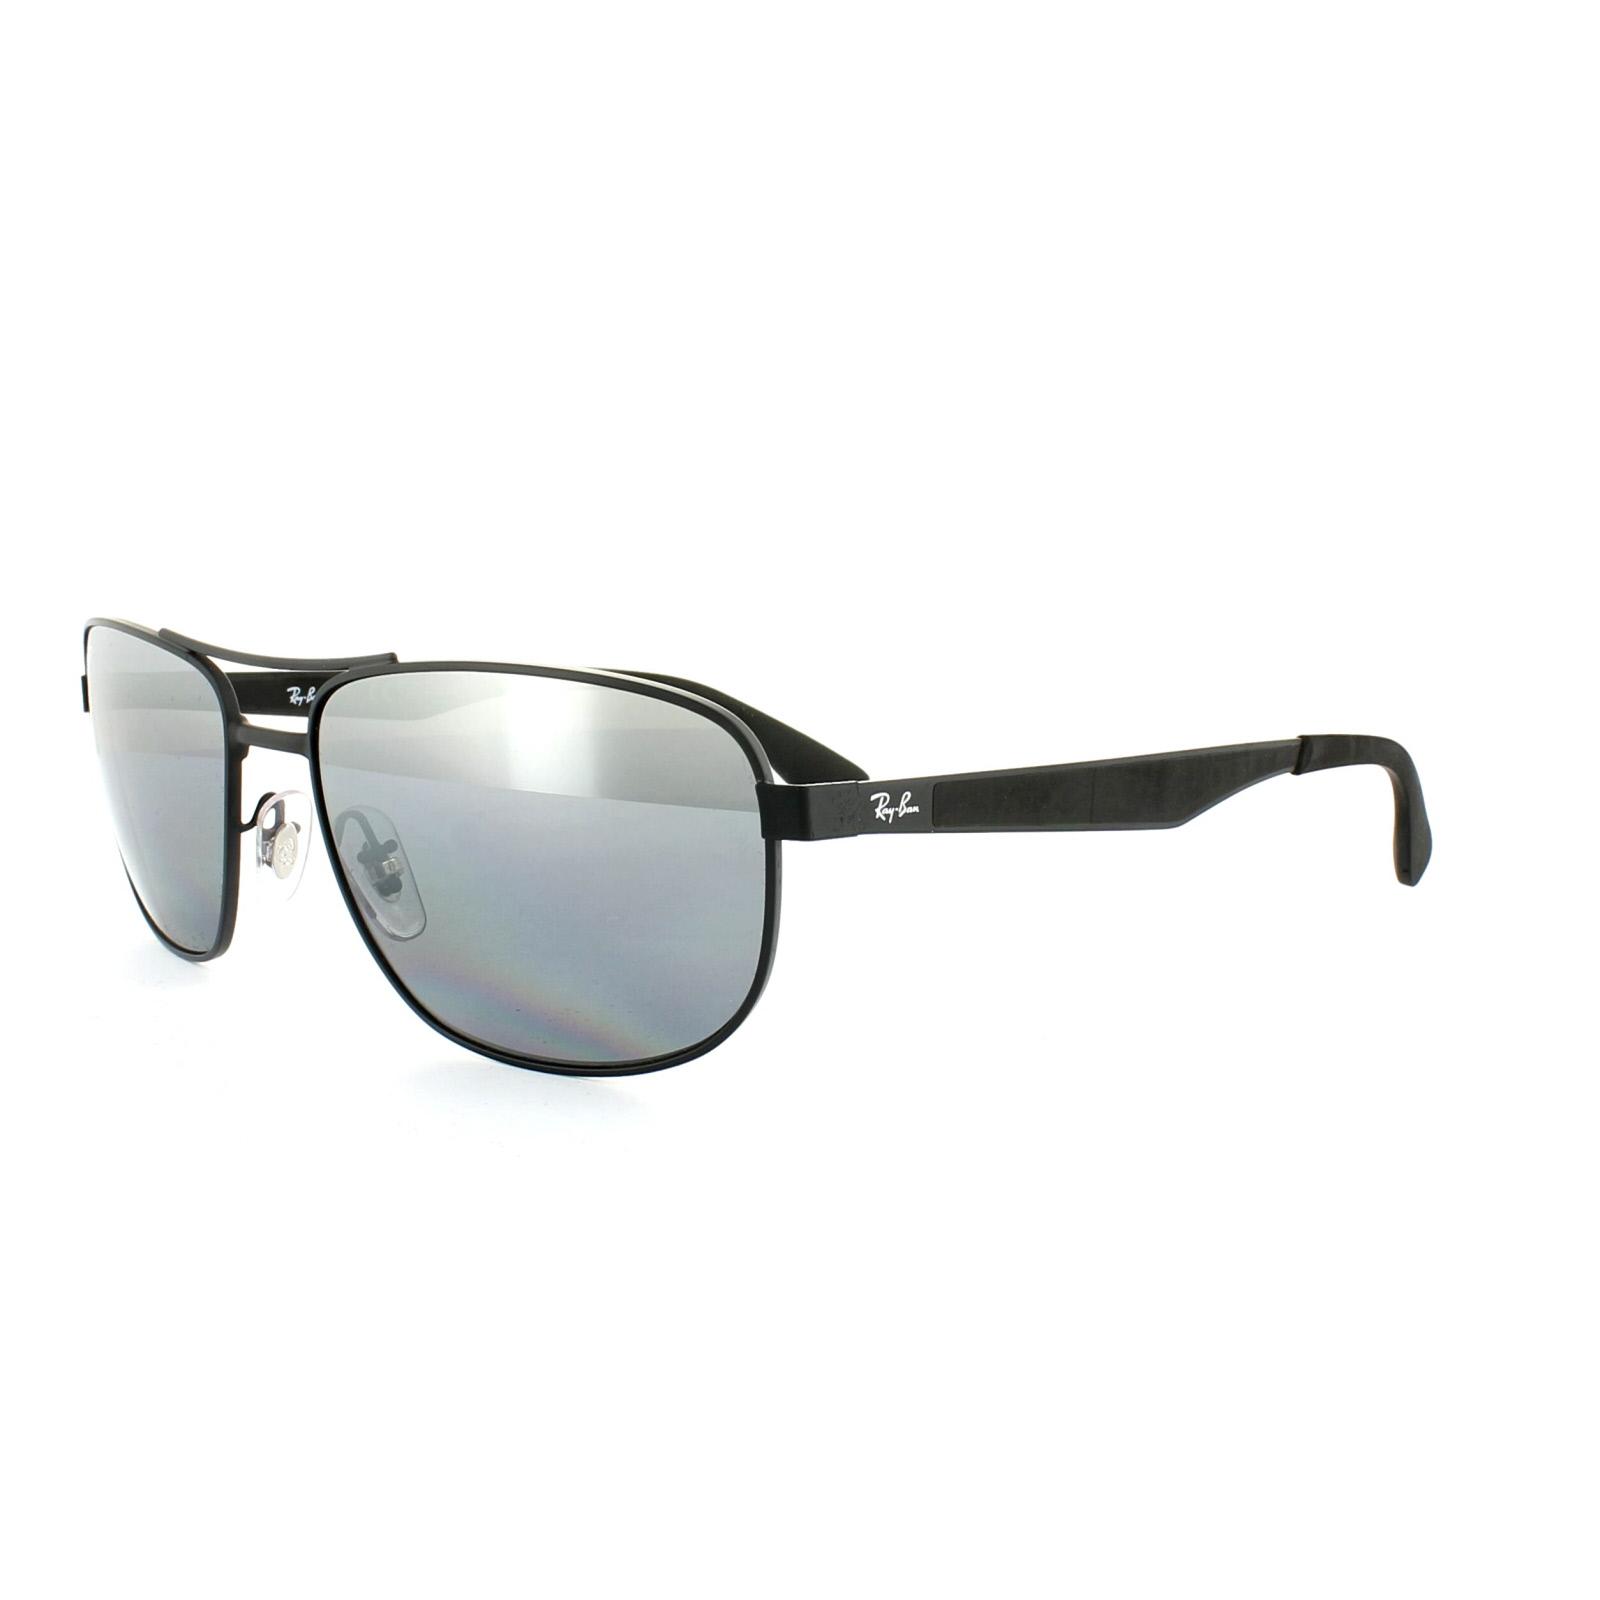 e6921fad1e Best Ray Ban Sunglasses For Small Face « Heritage Malta